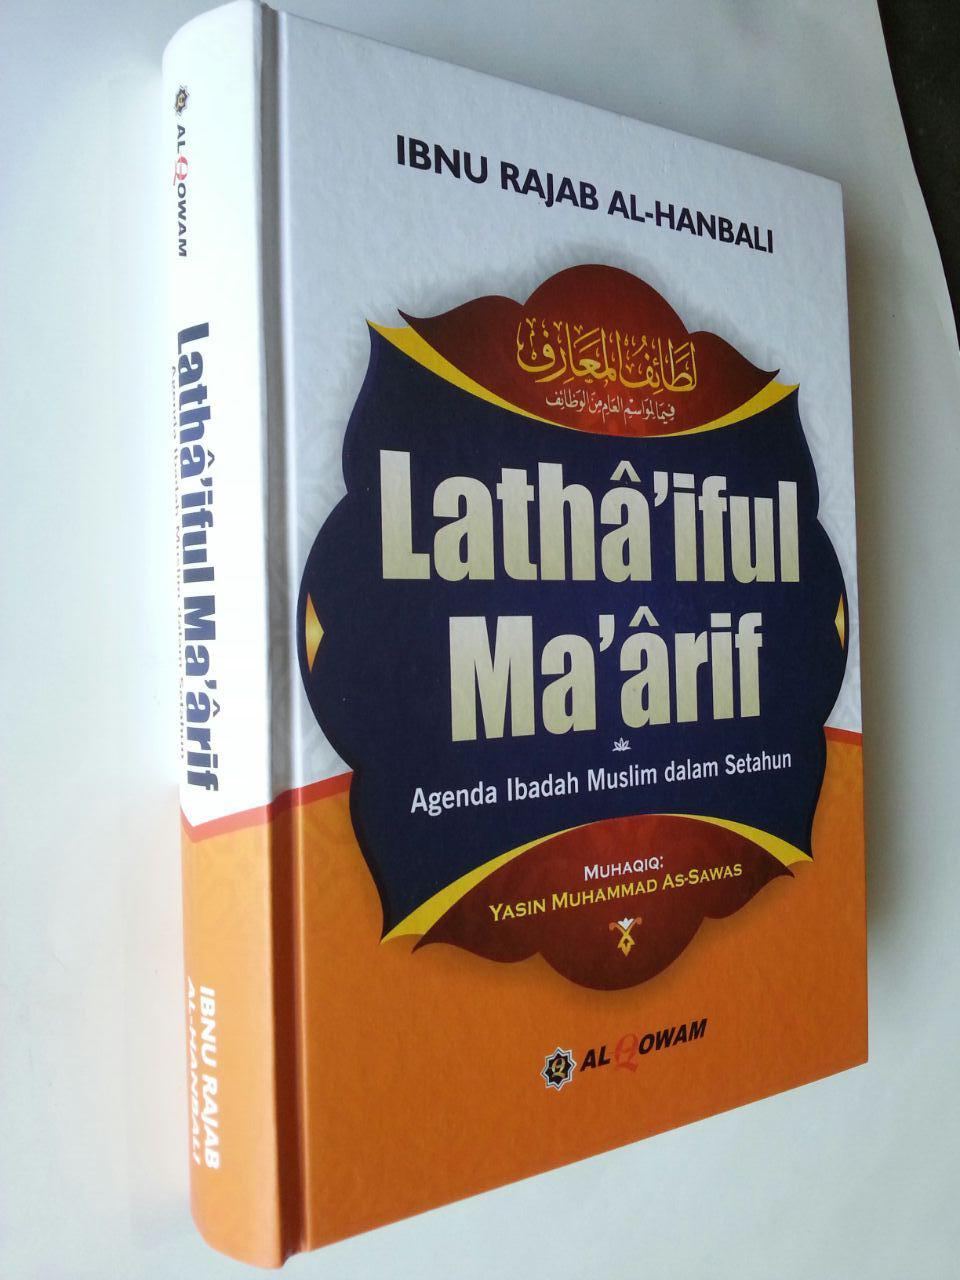 Buku Lathaiful Maarif Agenda Ibadah Muslim Dalam Setahun cover 2